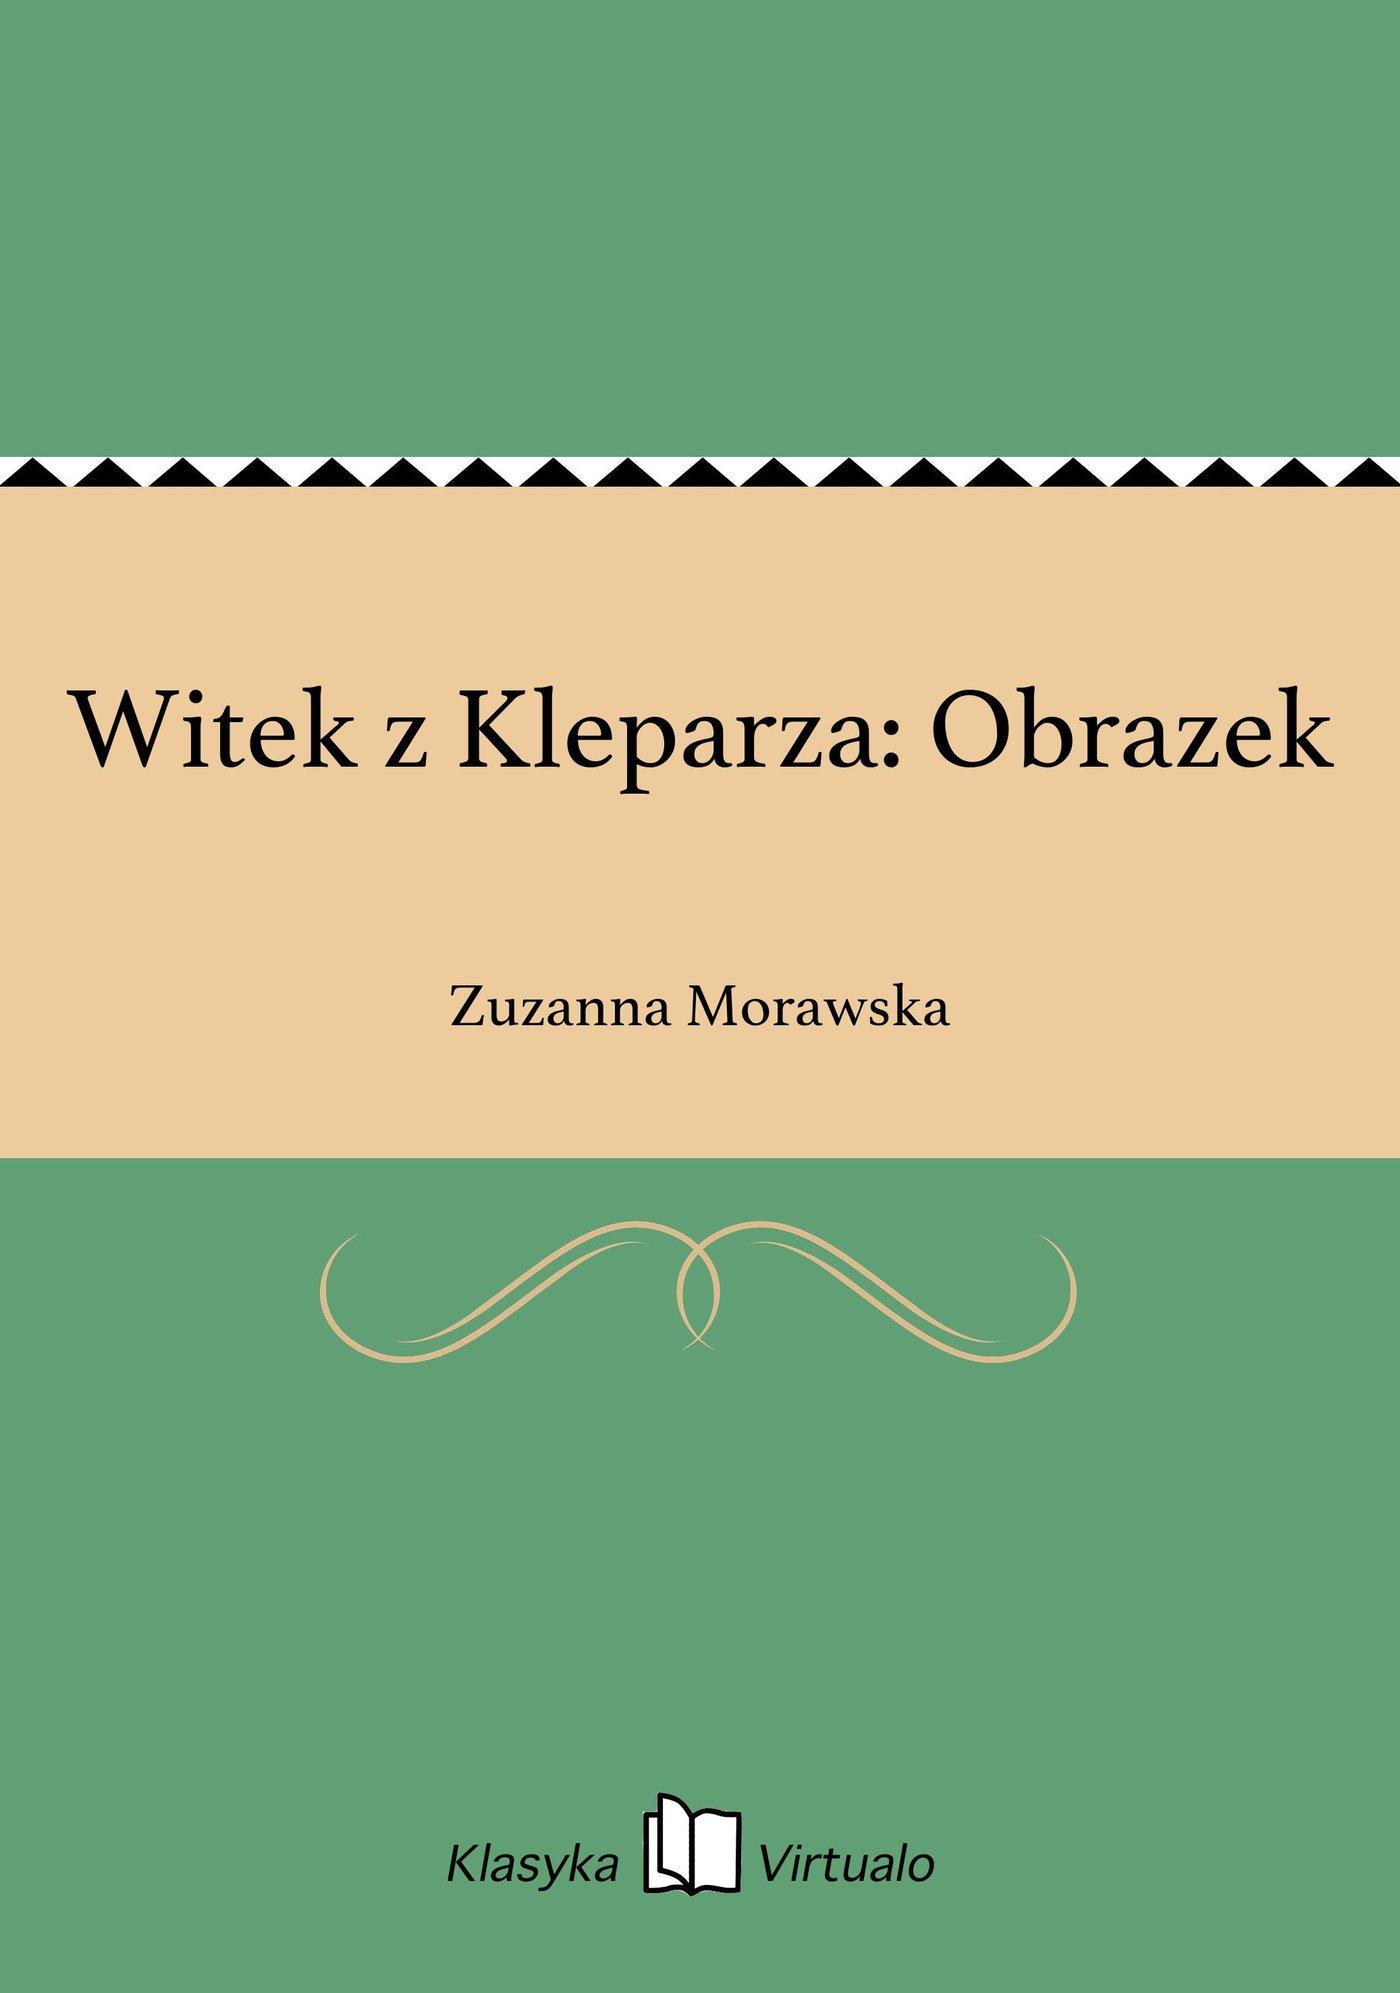 Witek z Kleparza: Obrazek - Ebook (Książka EPUB) do pobrania w formacie EPUB